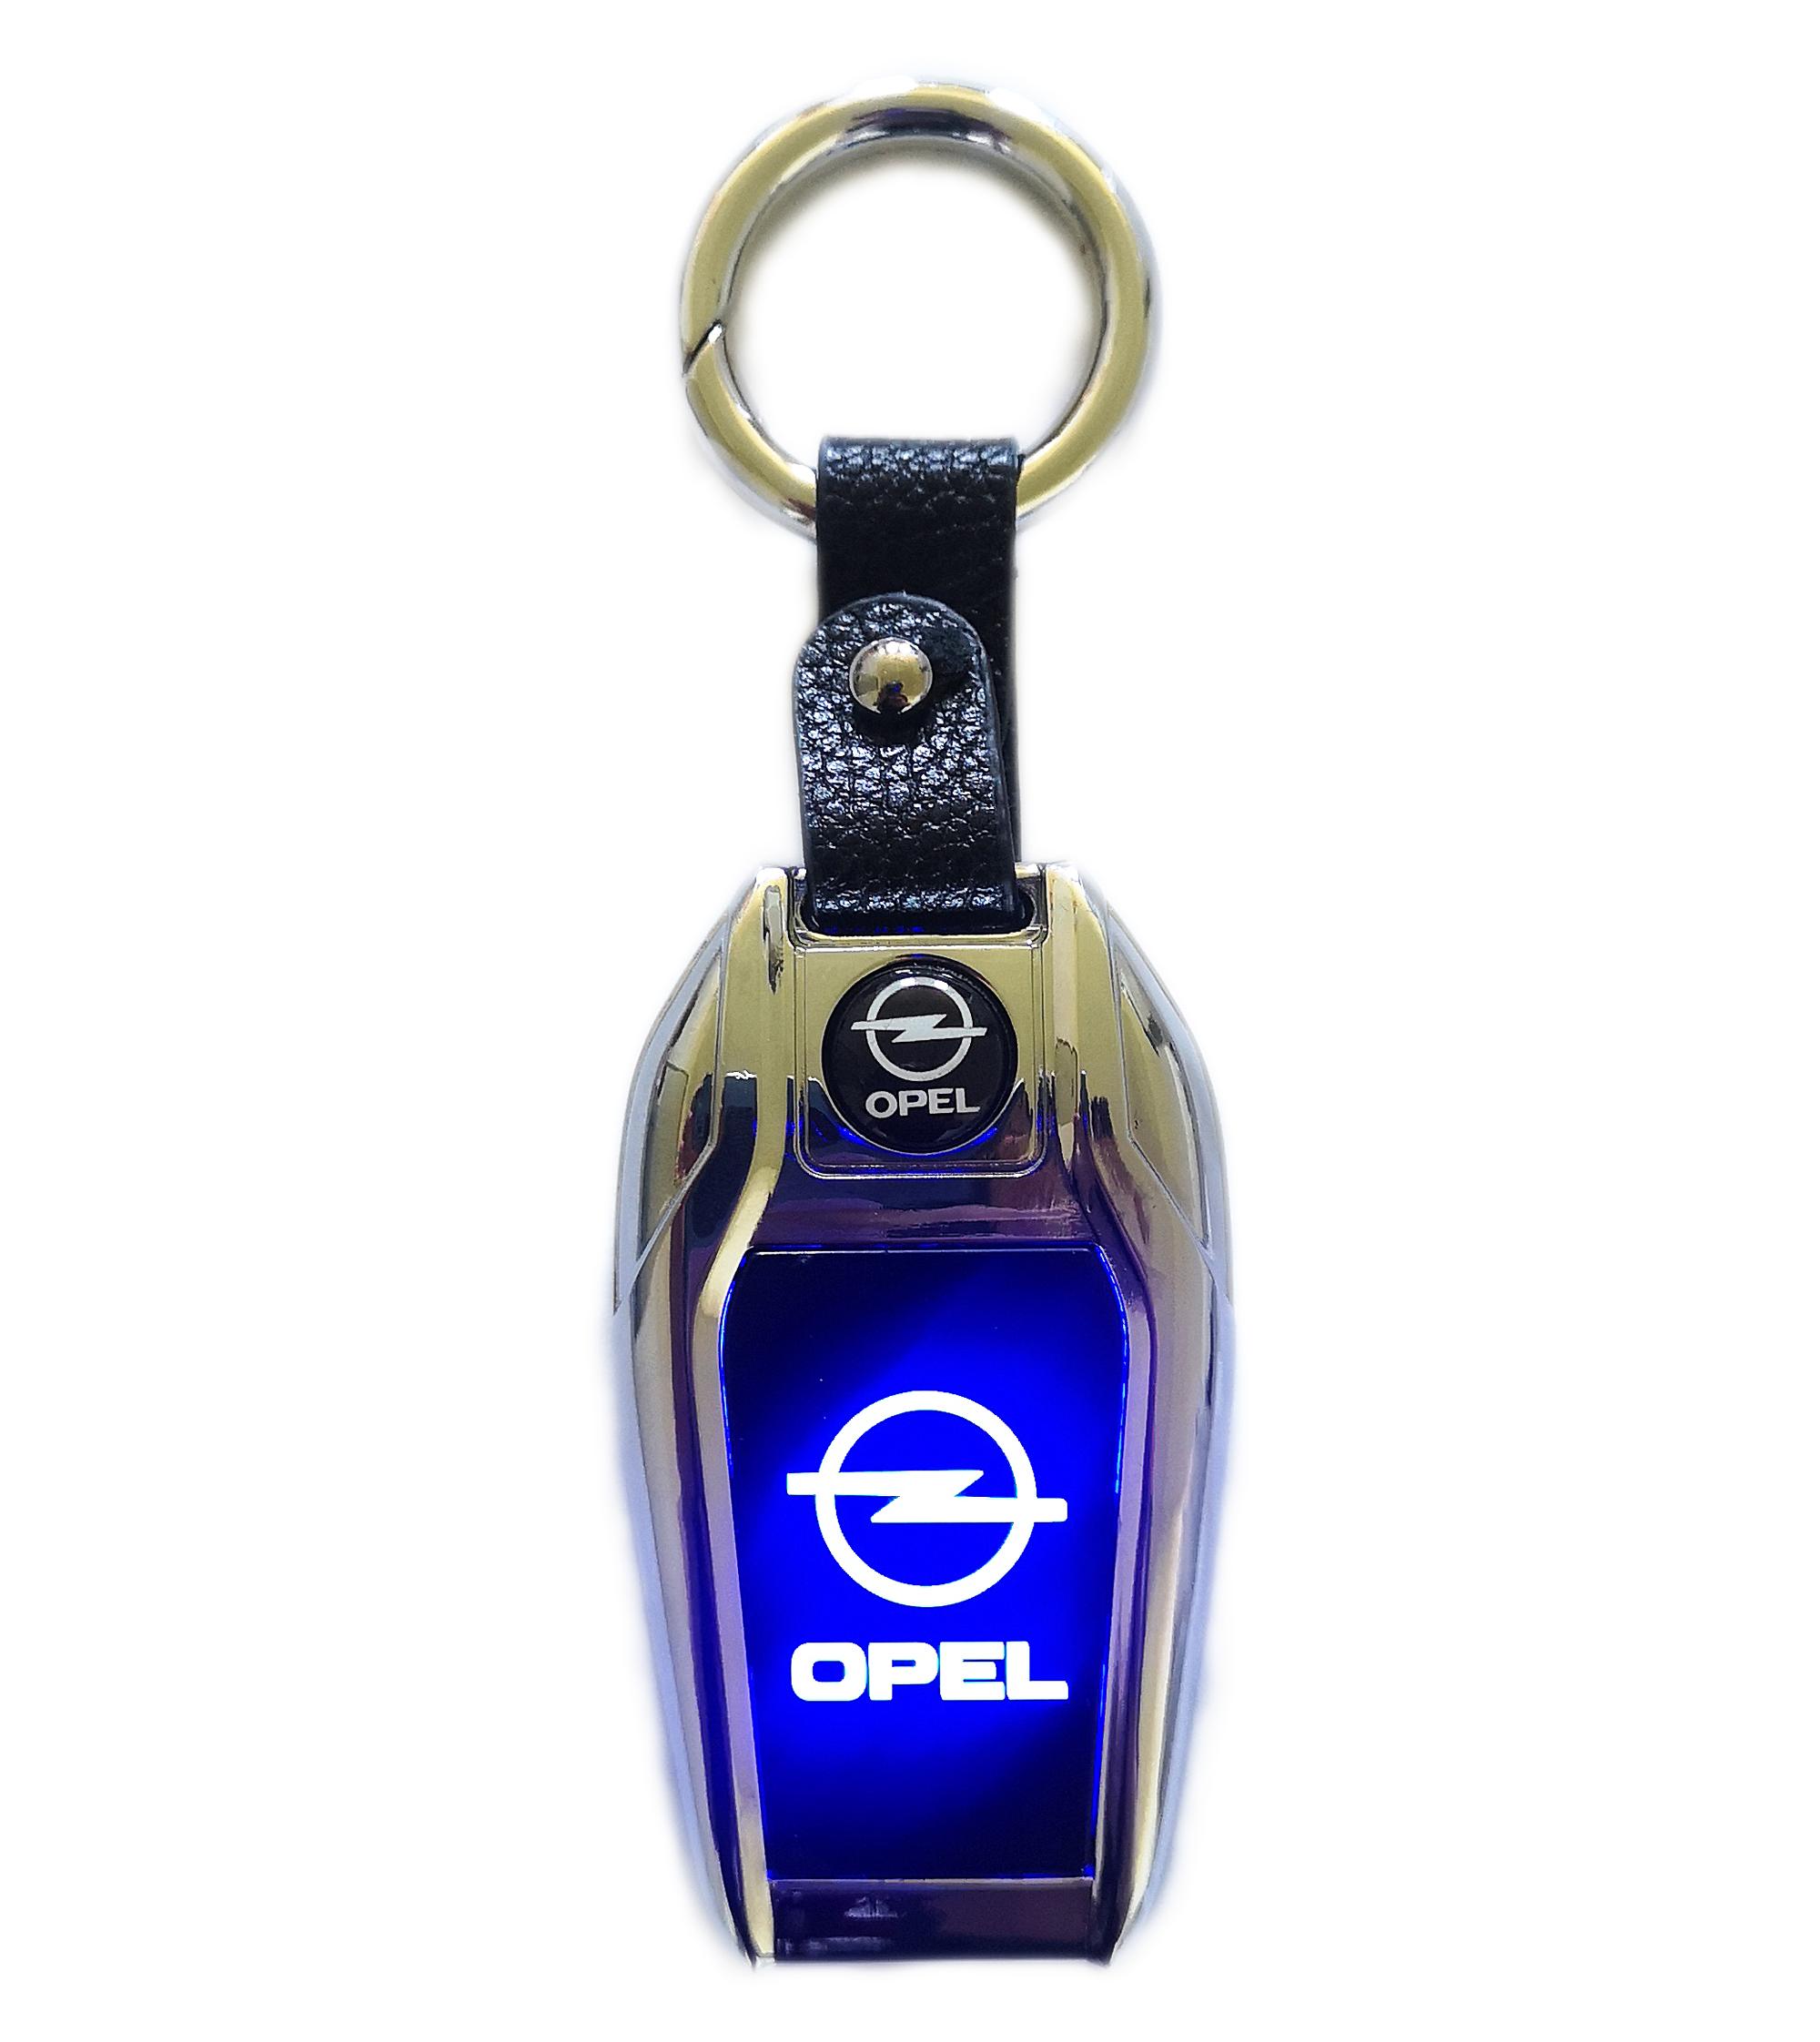 Elegancki brelok OPEL zapalniczka żarowa LED EAN 5903991880772